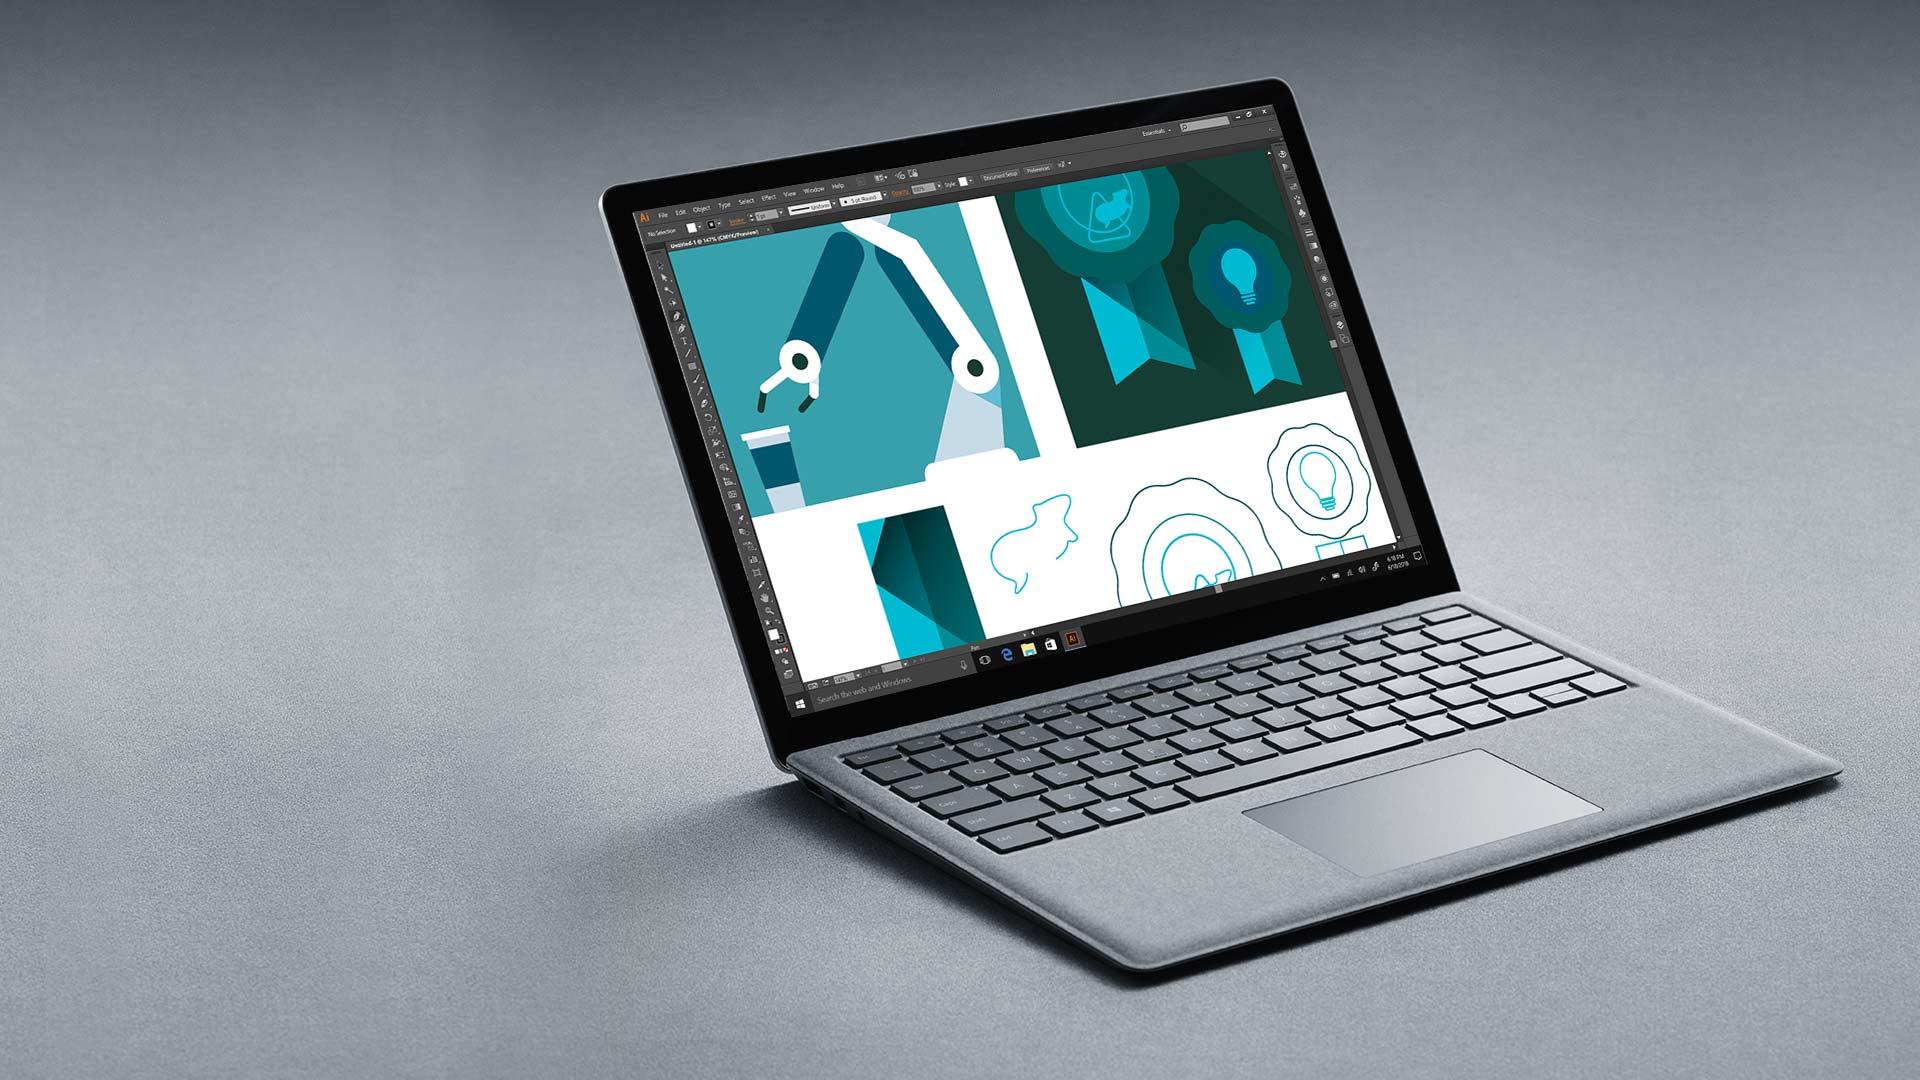 Platinanvärinen Surface Laptop, jonka näytössä on Adobe Illustrator.